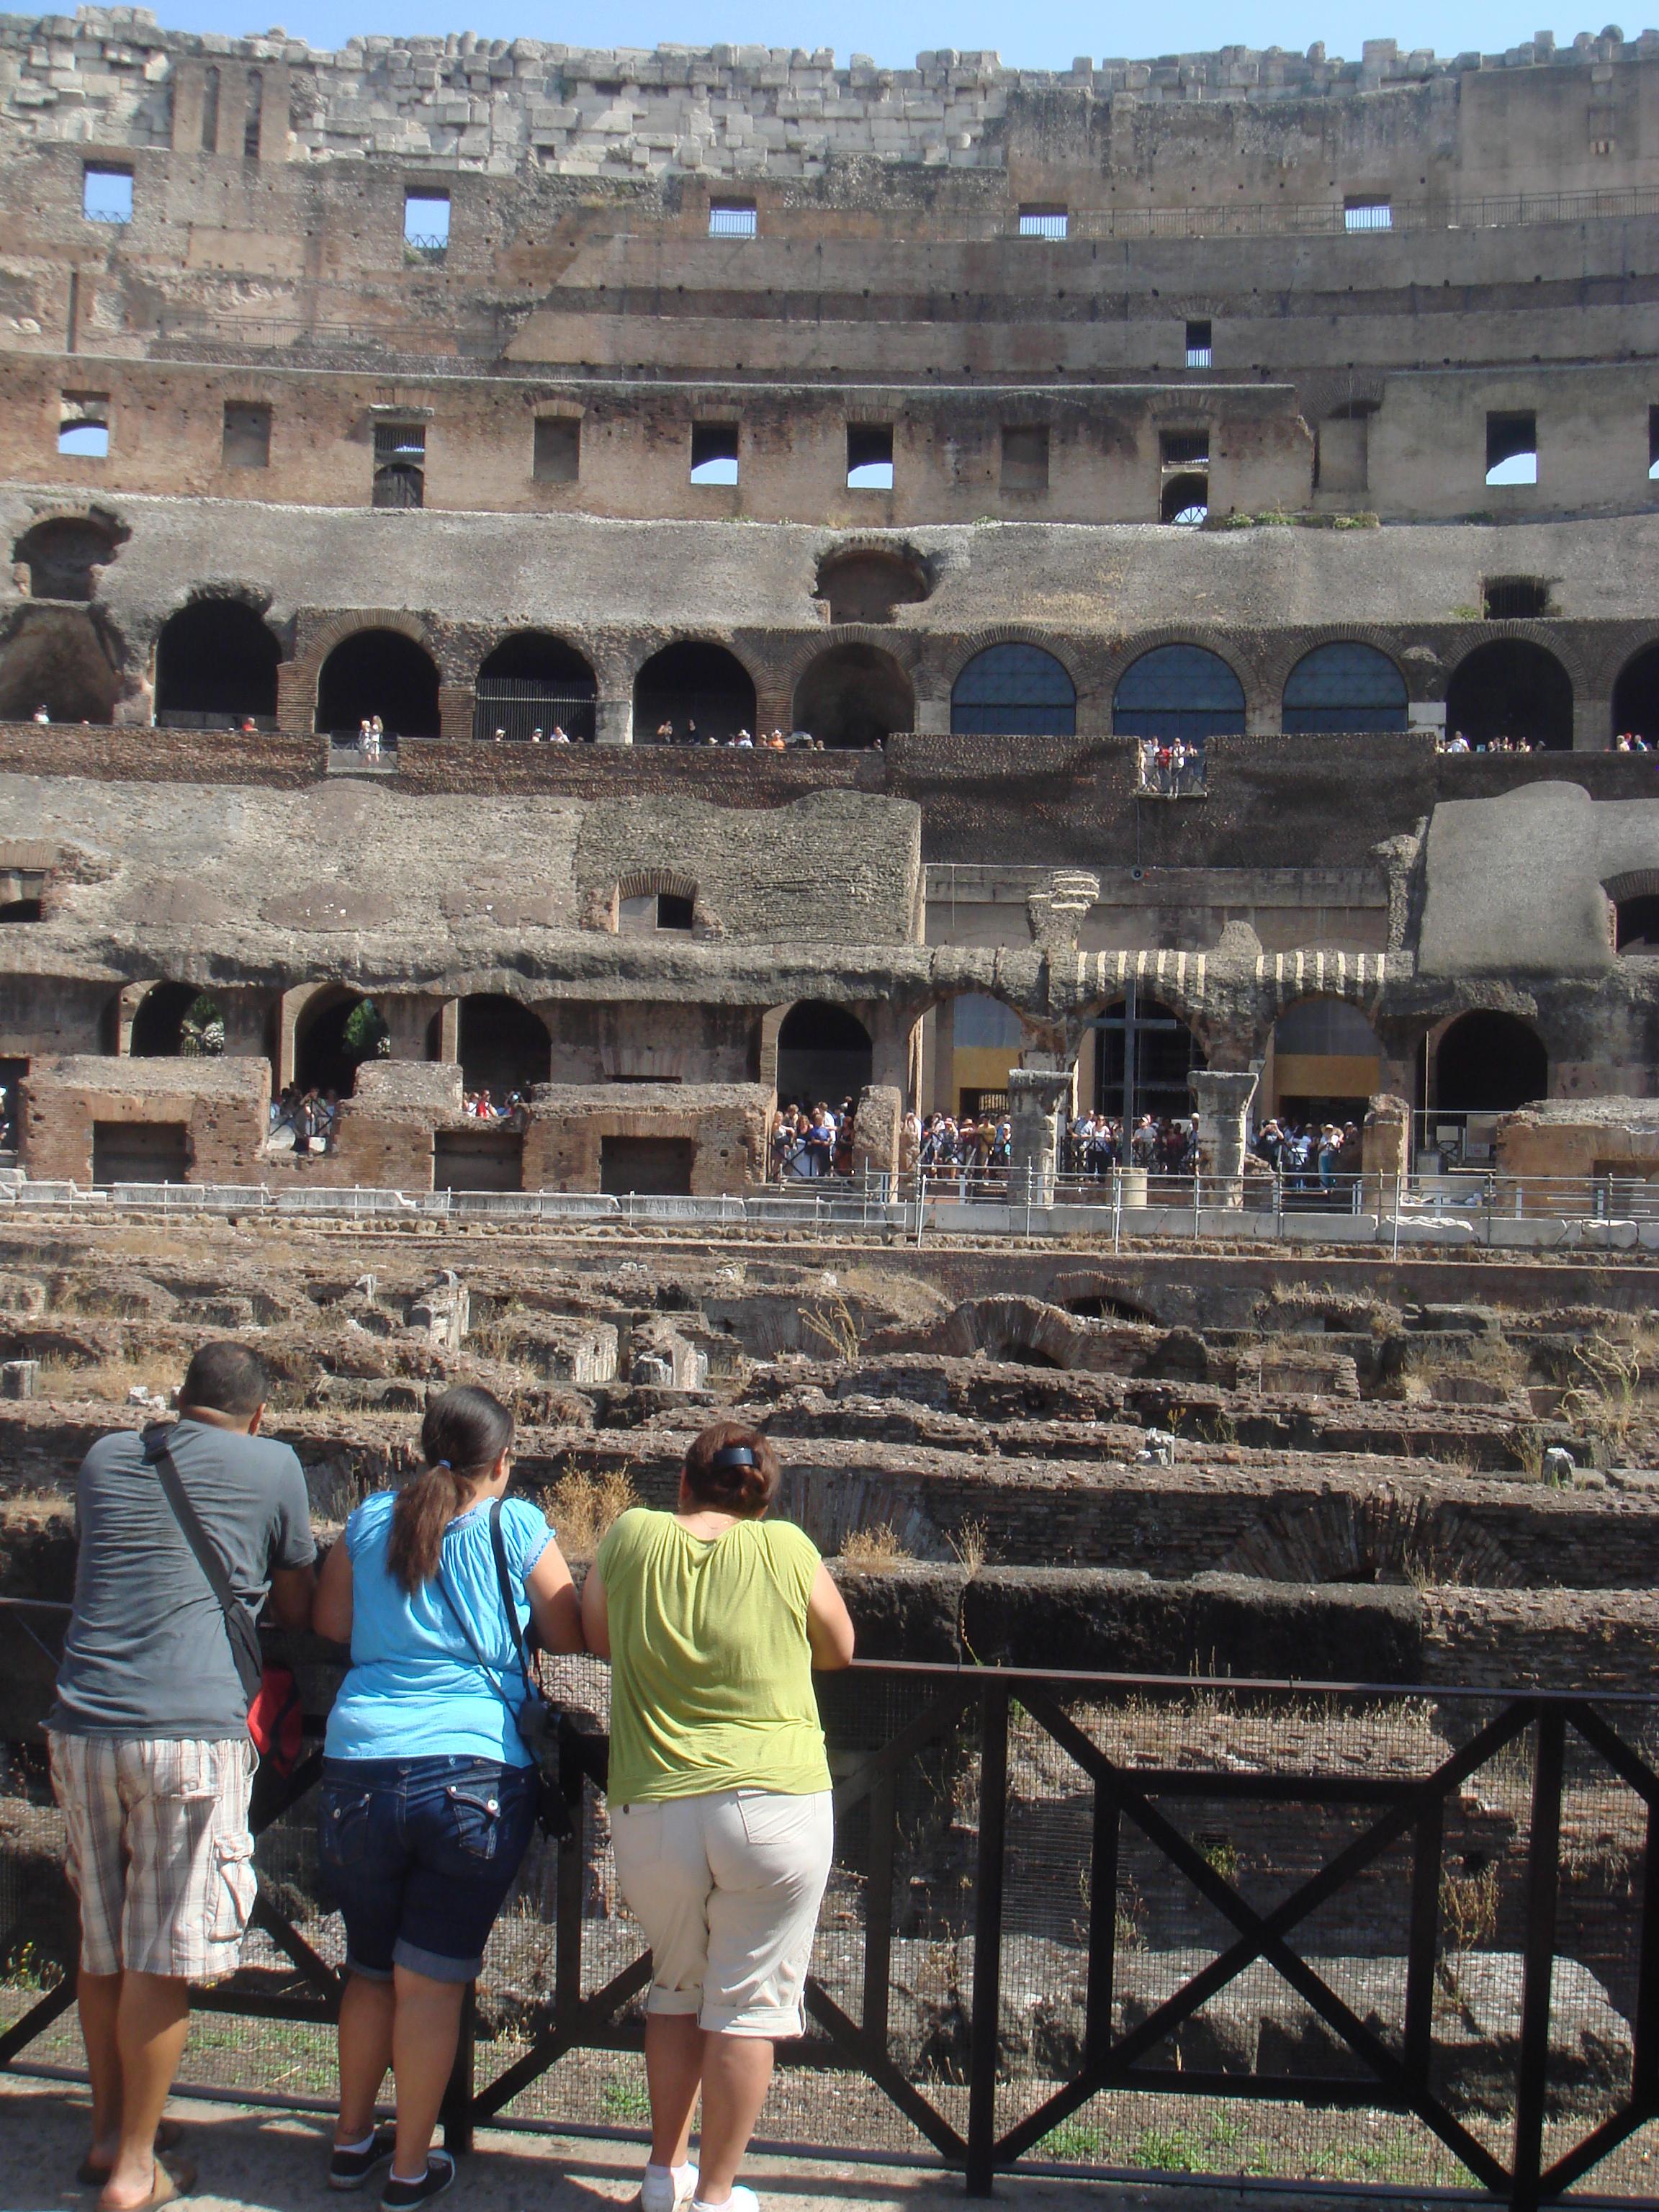 斗獸場由韋帕薌(Vespasian)皇帝下令修建,是古羅馬當時為取悅凱旋而歸的將領士兵和贊美偉大的古羅馬帝國而建造的。在其兒子圖密善在位期間建成,是古羅馬帝國標志性的建築物之一。斗獸場建在另一個羅馬皇帝尼祿的金宮(Domus Aurea)原址之上,這個宮殿在公元64年發生的羅馬大火中被燒毀。斗獸場是古羅馬舉行人獸表演的地方,參加的角斗士要與一只野獸搏斗直到一方死亡為止,也有人與人之間的搏斗。根據羅馬史學家狄奧·卡西烏斯(Dio Cassius)的記載,斗獸場建成時羅馬人舉行了為期100天的慶祝